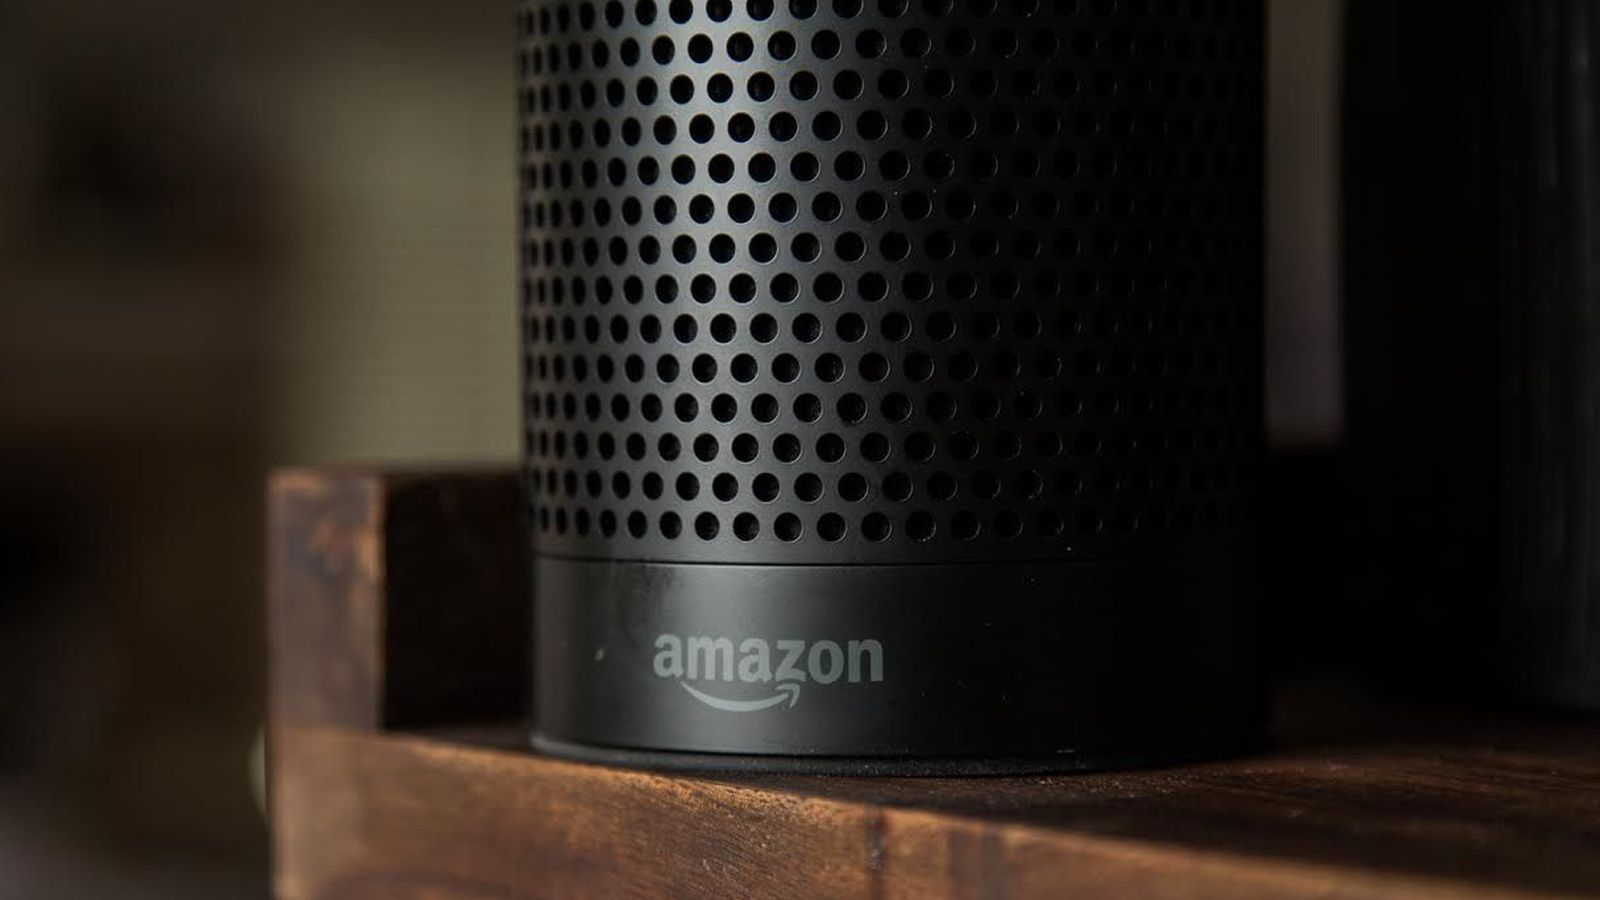 Умные колонки Amazon могут тайно записывать разговоры владельцев и отправлять людям из списка контактов